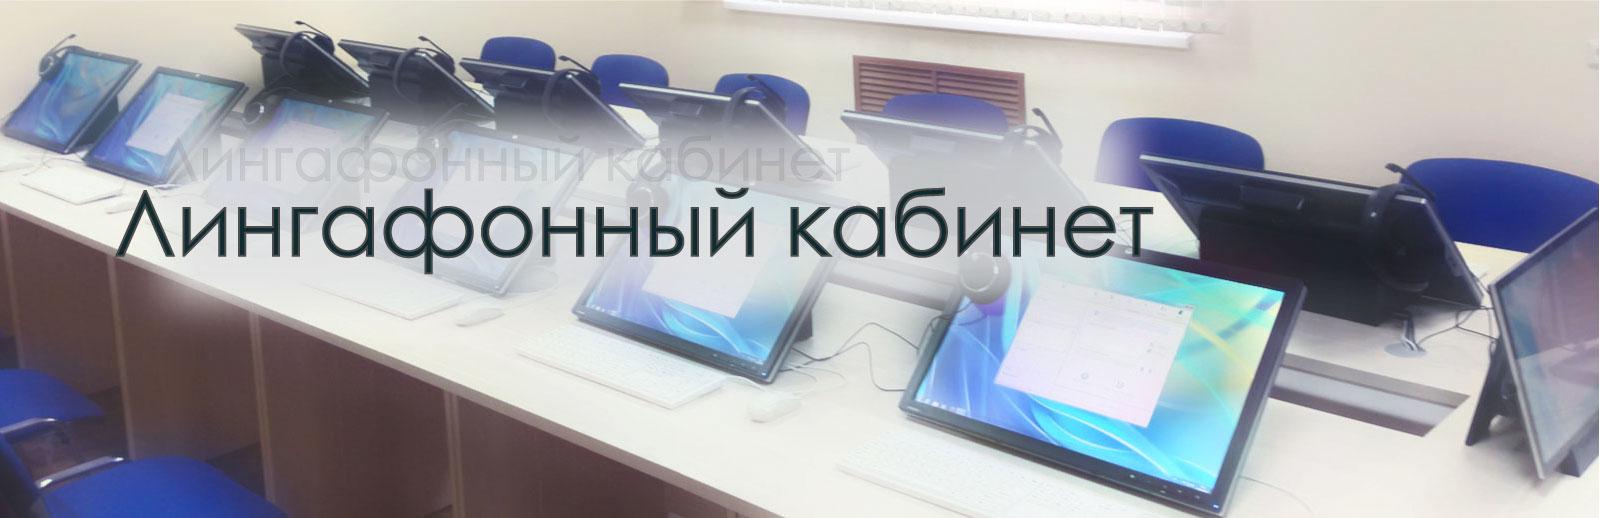 Лингафонный кабинет AV Production